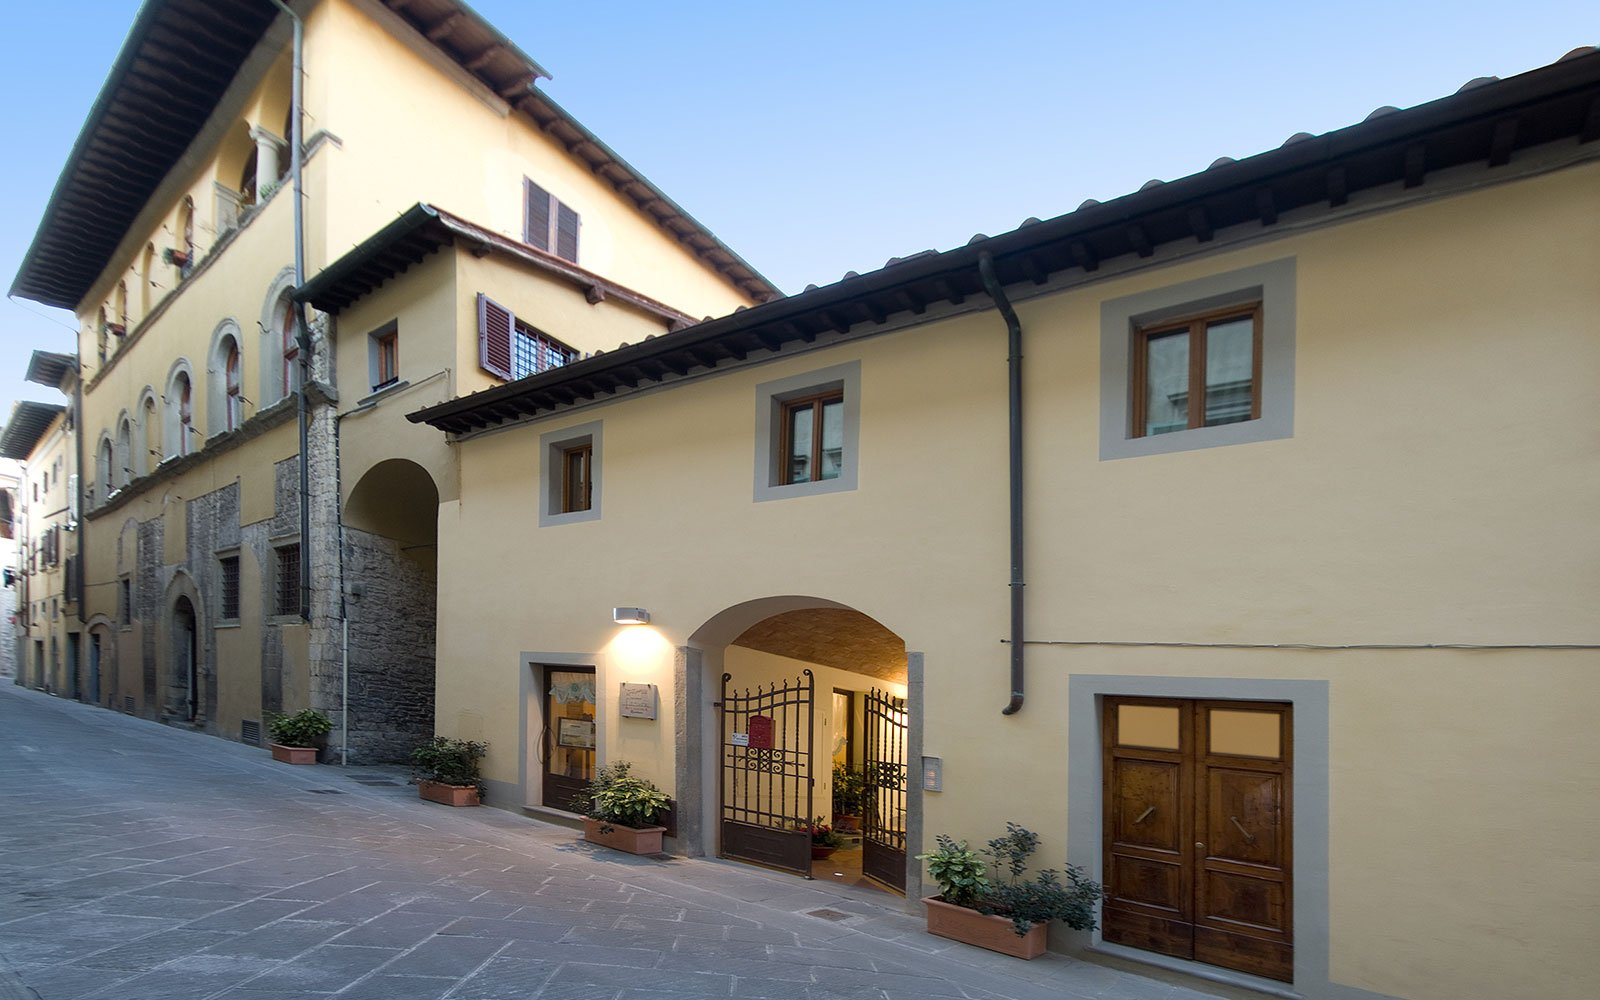 Accademia residence prato